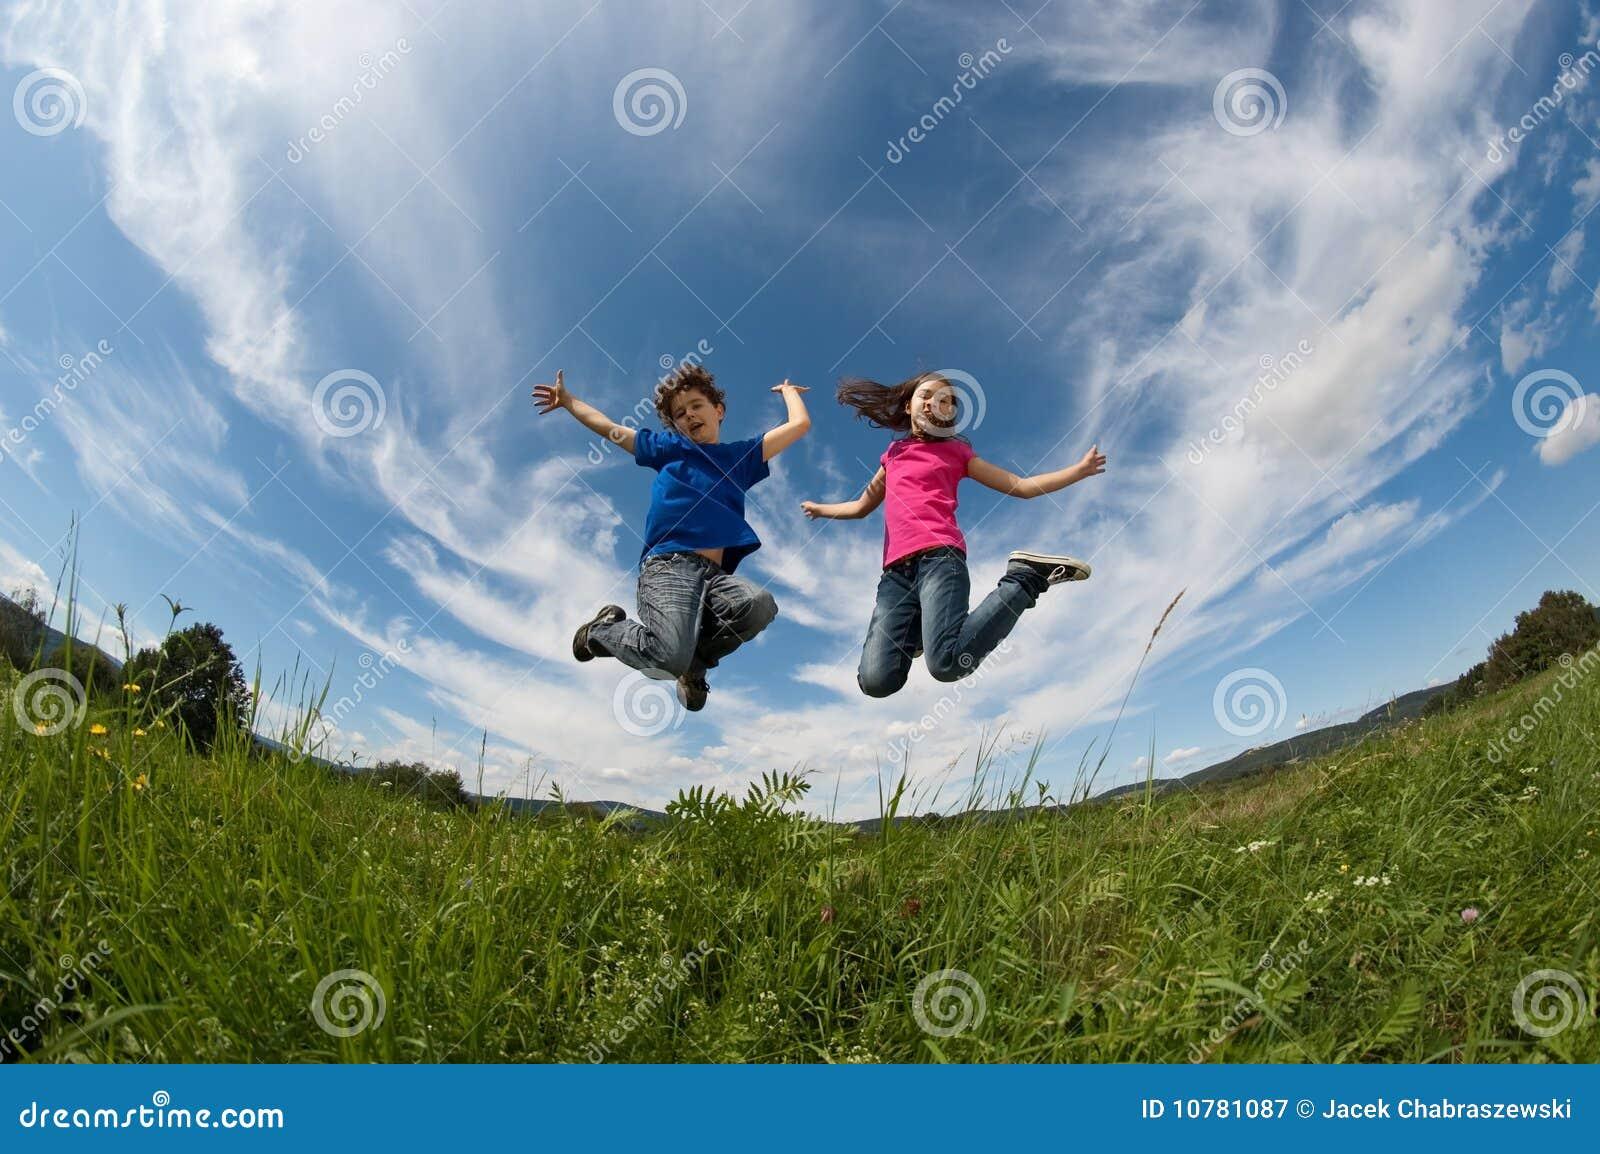 Openlucht springen van jonge geitjes